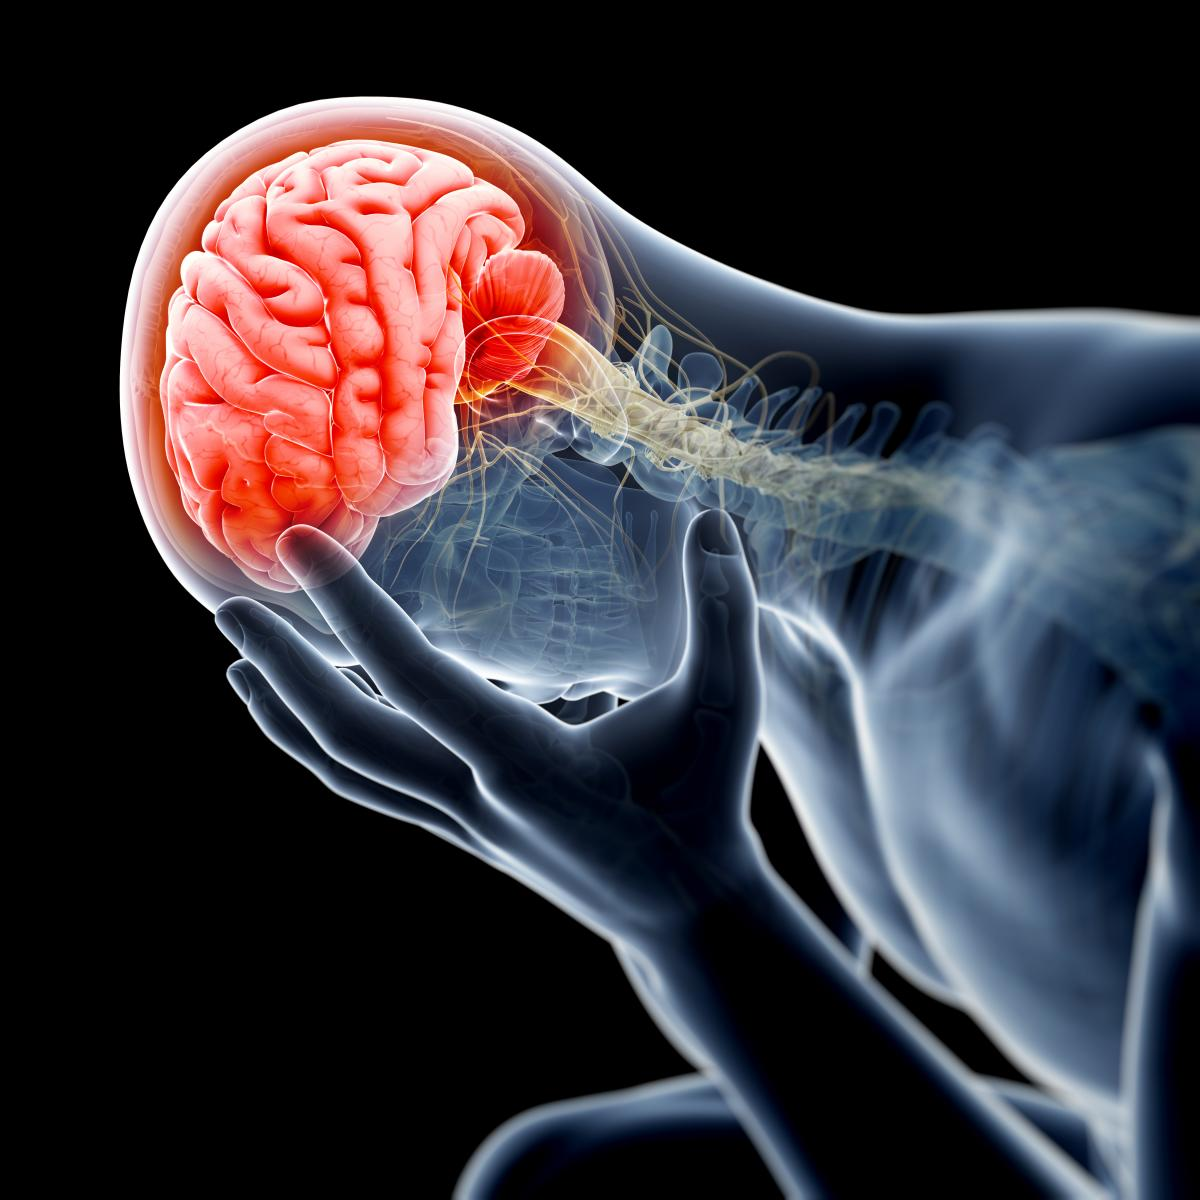 10 příznaků, že jste překonali tichou mozkovou mrtvici, a že další bude každou chvíli následovat